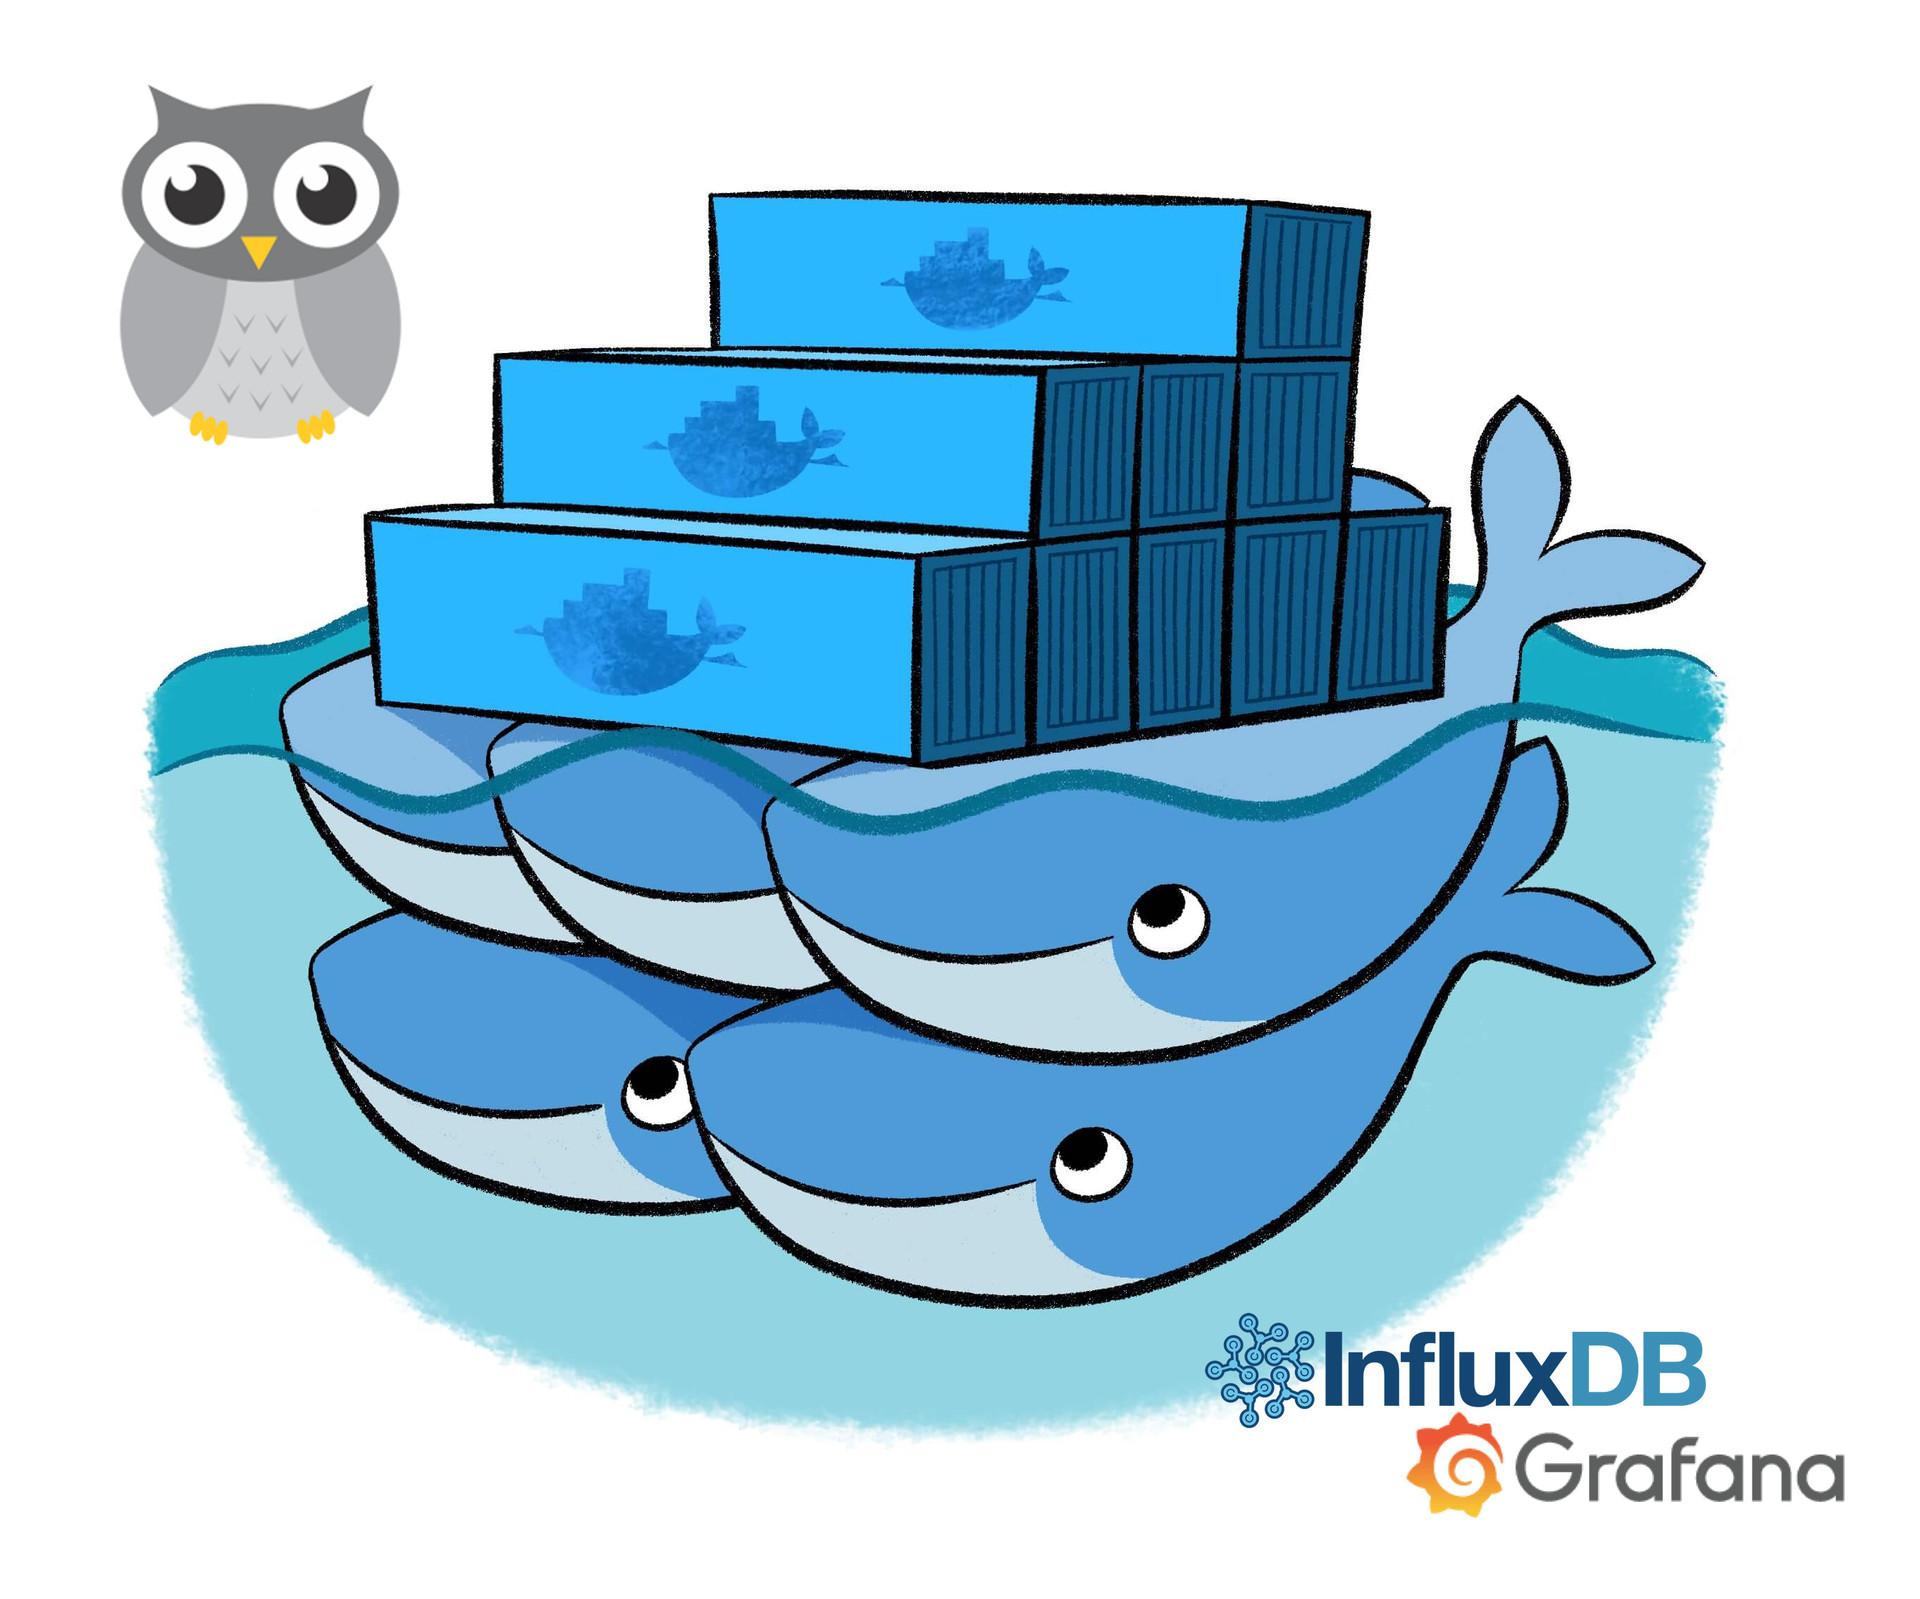 Мониторинг Docker Swarm с помощью cAdvisor, InfluxDB и Grafana - 1